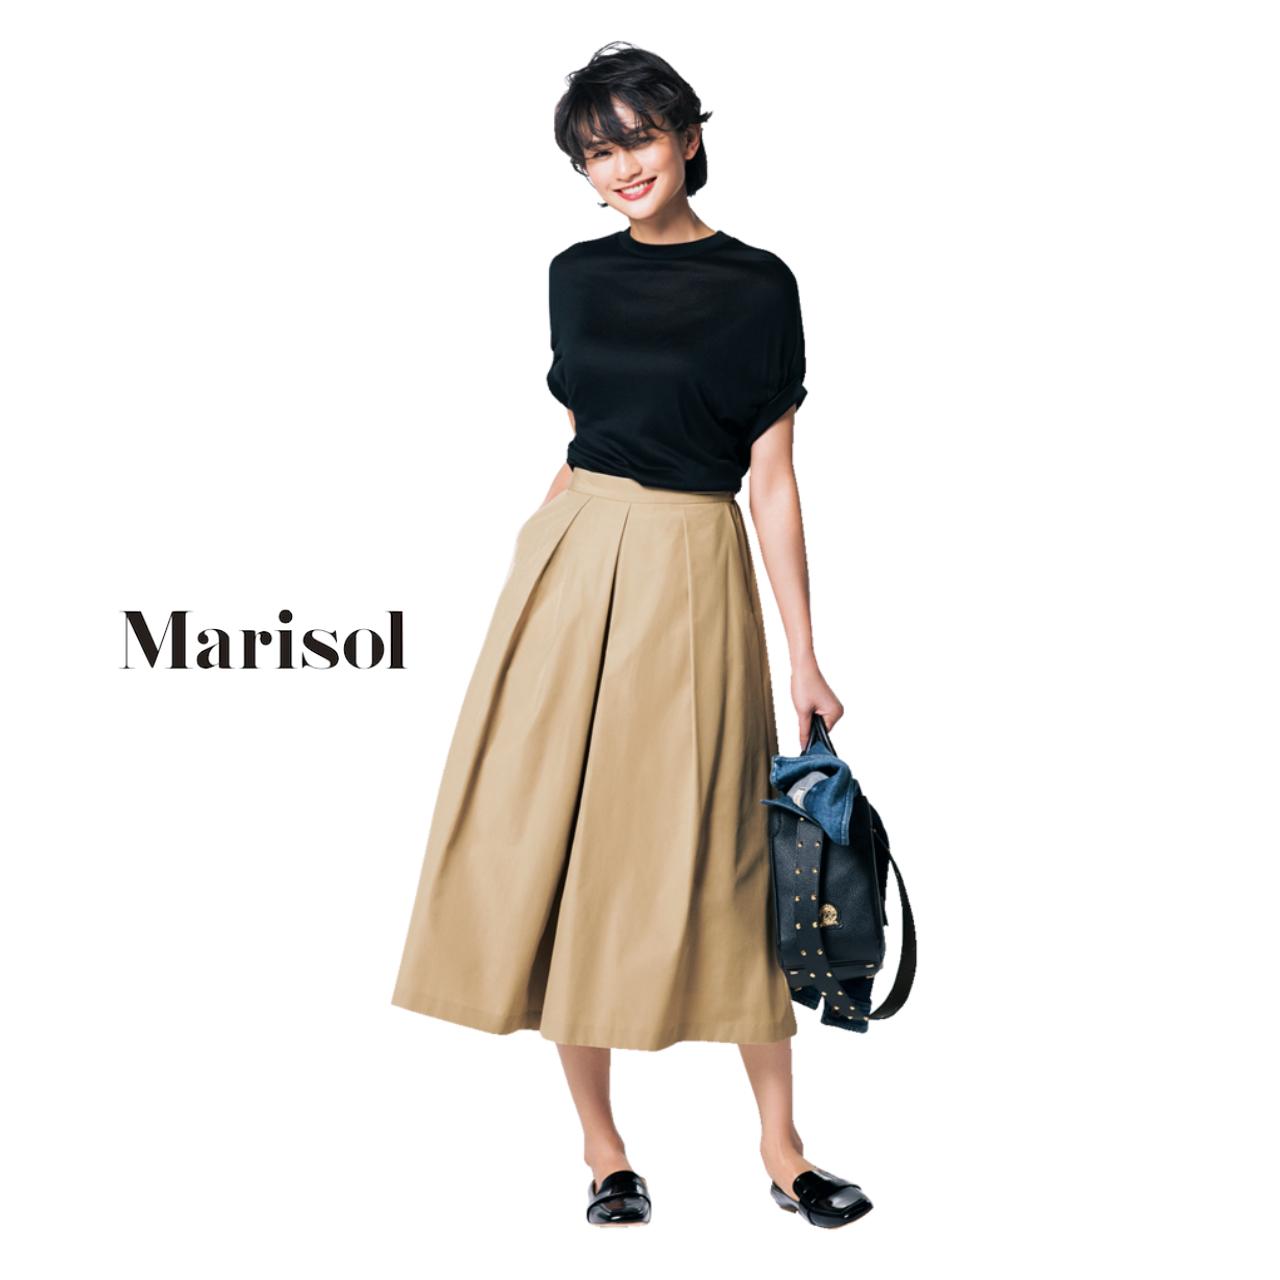 黒Tシャツ×ベージュスカートコーデ